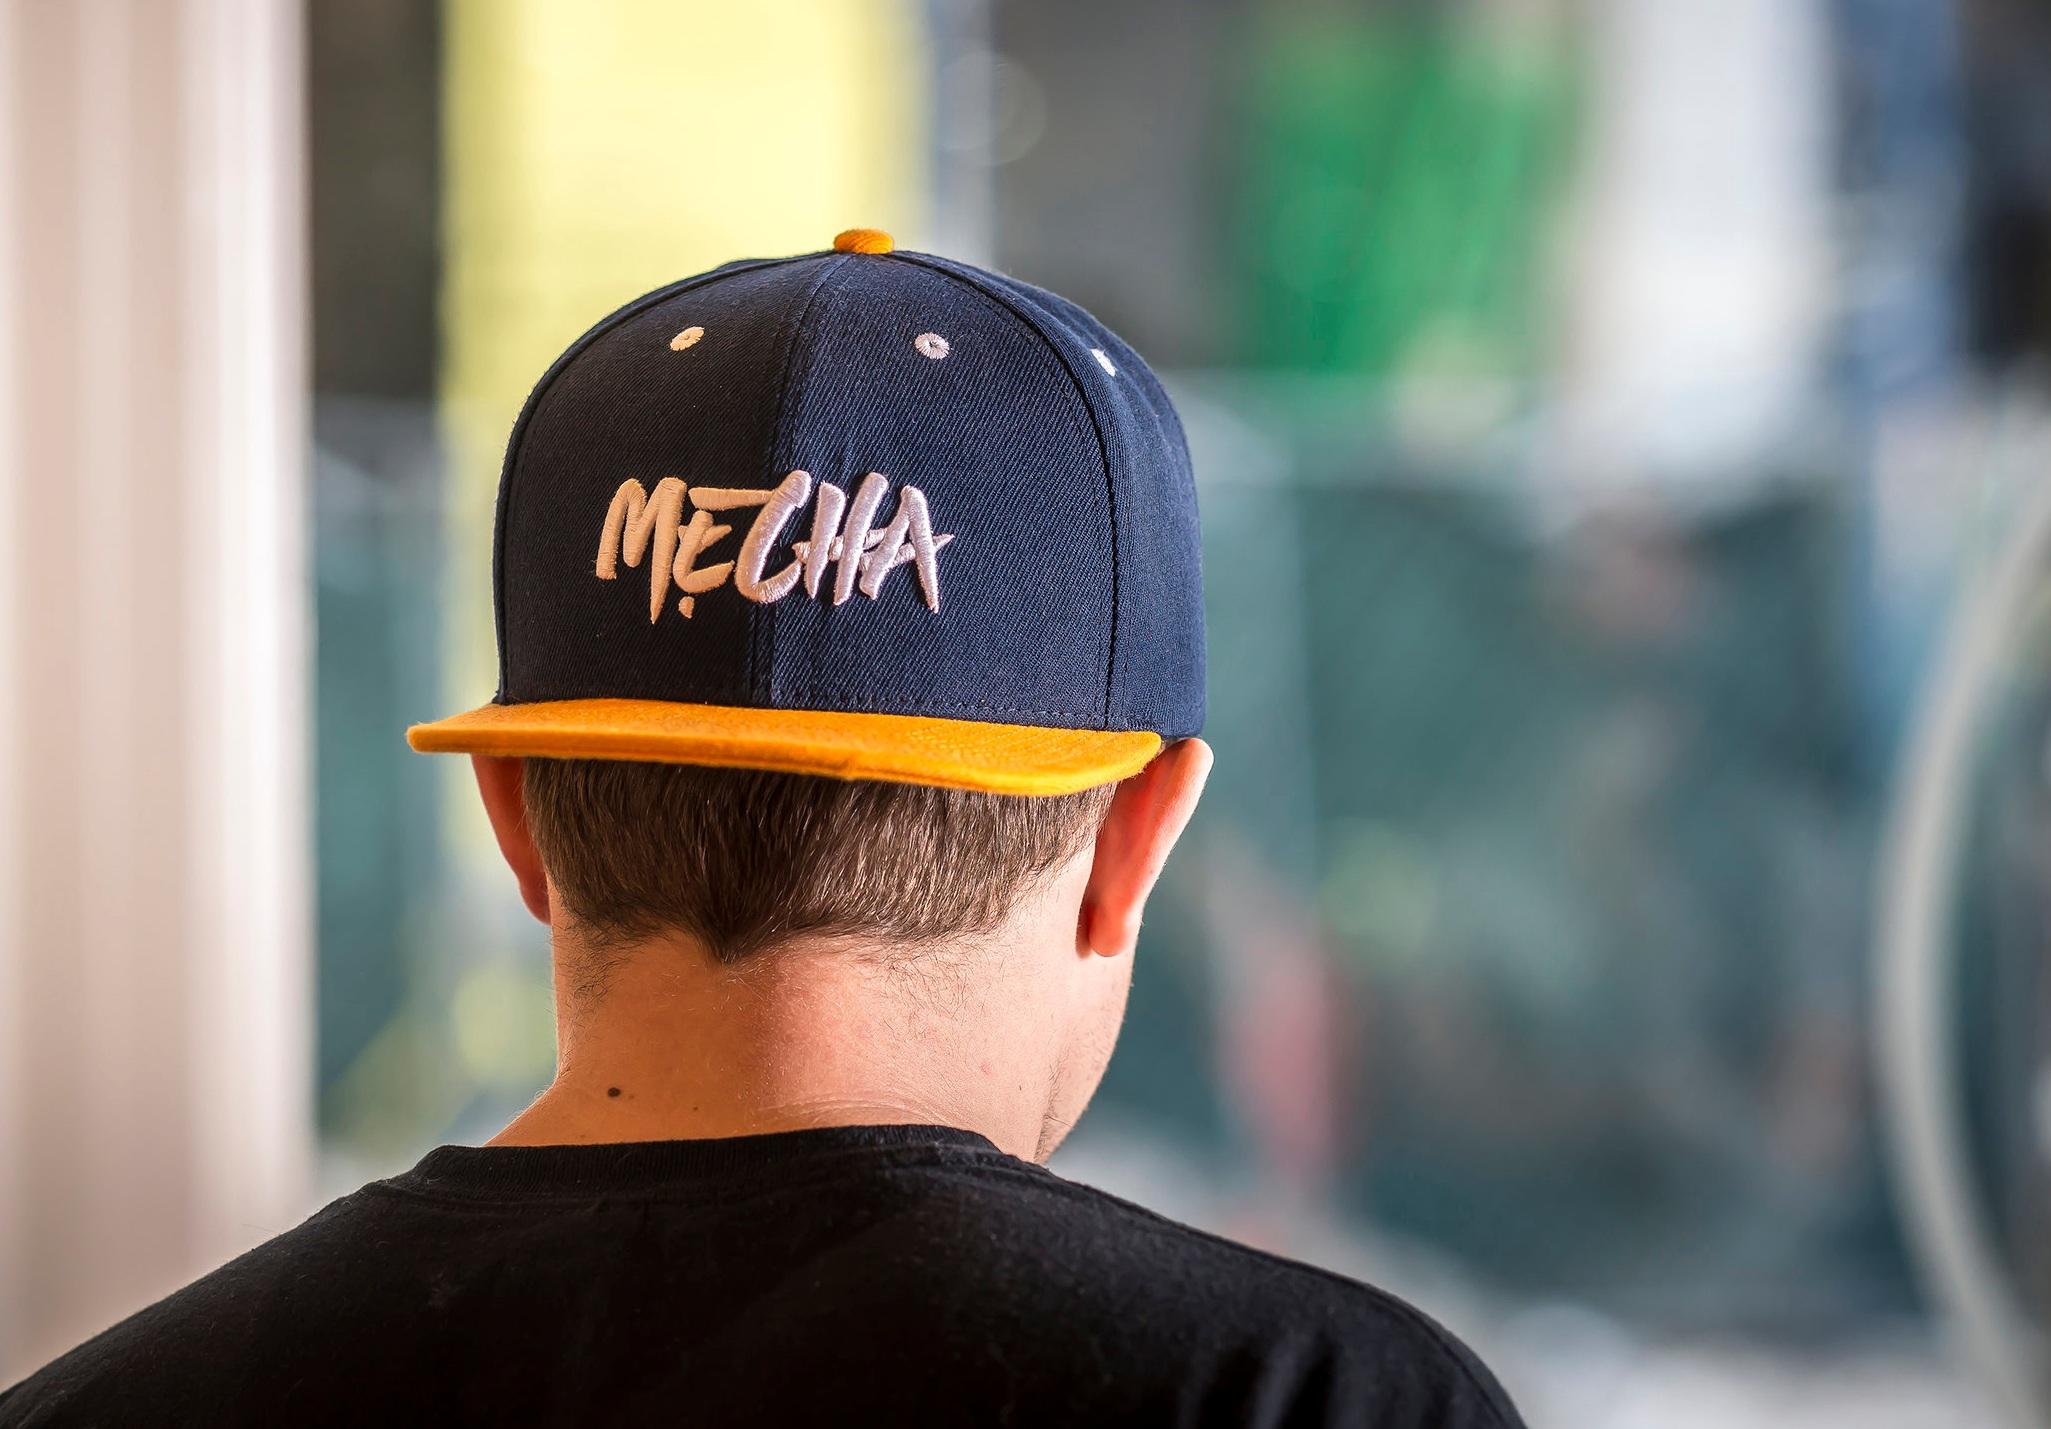 mecha_II_NF_213.jpg